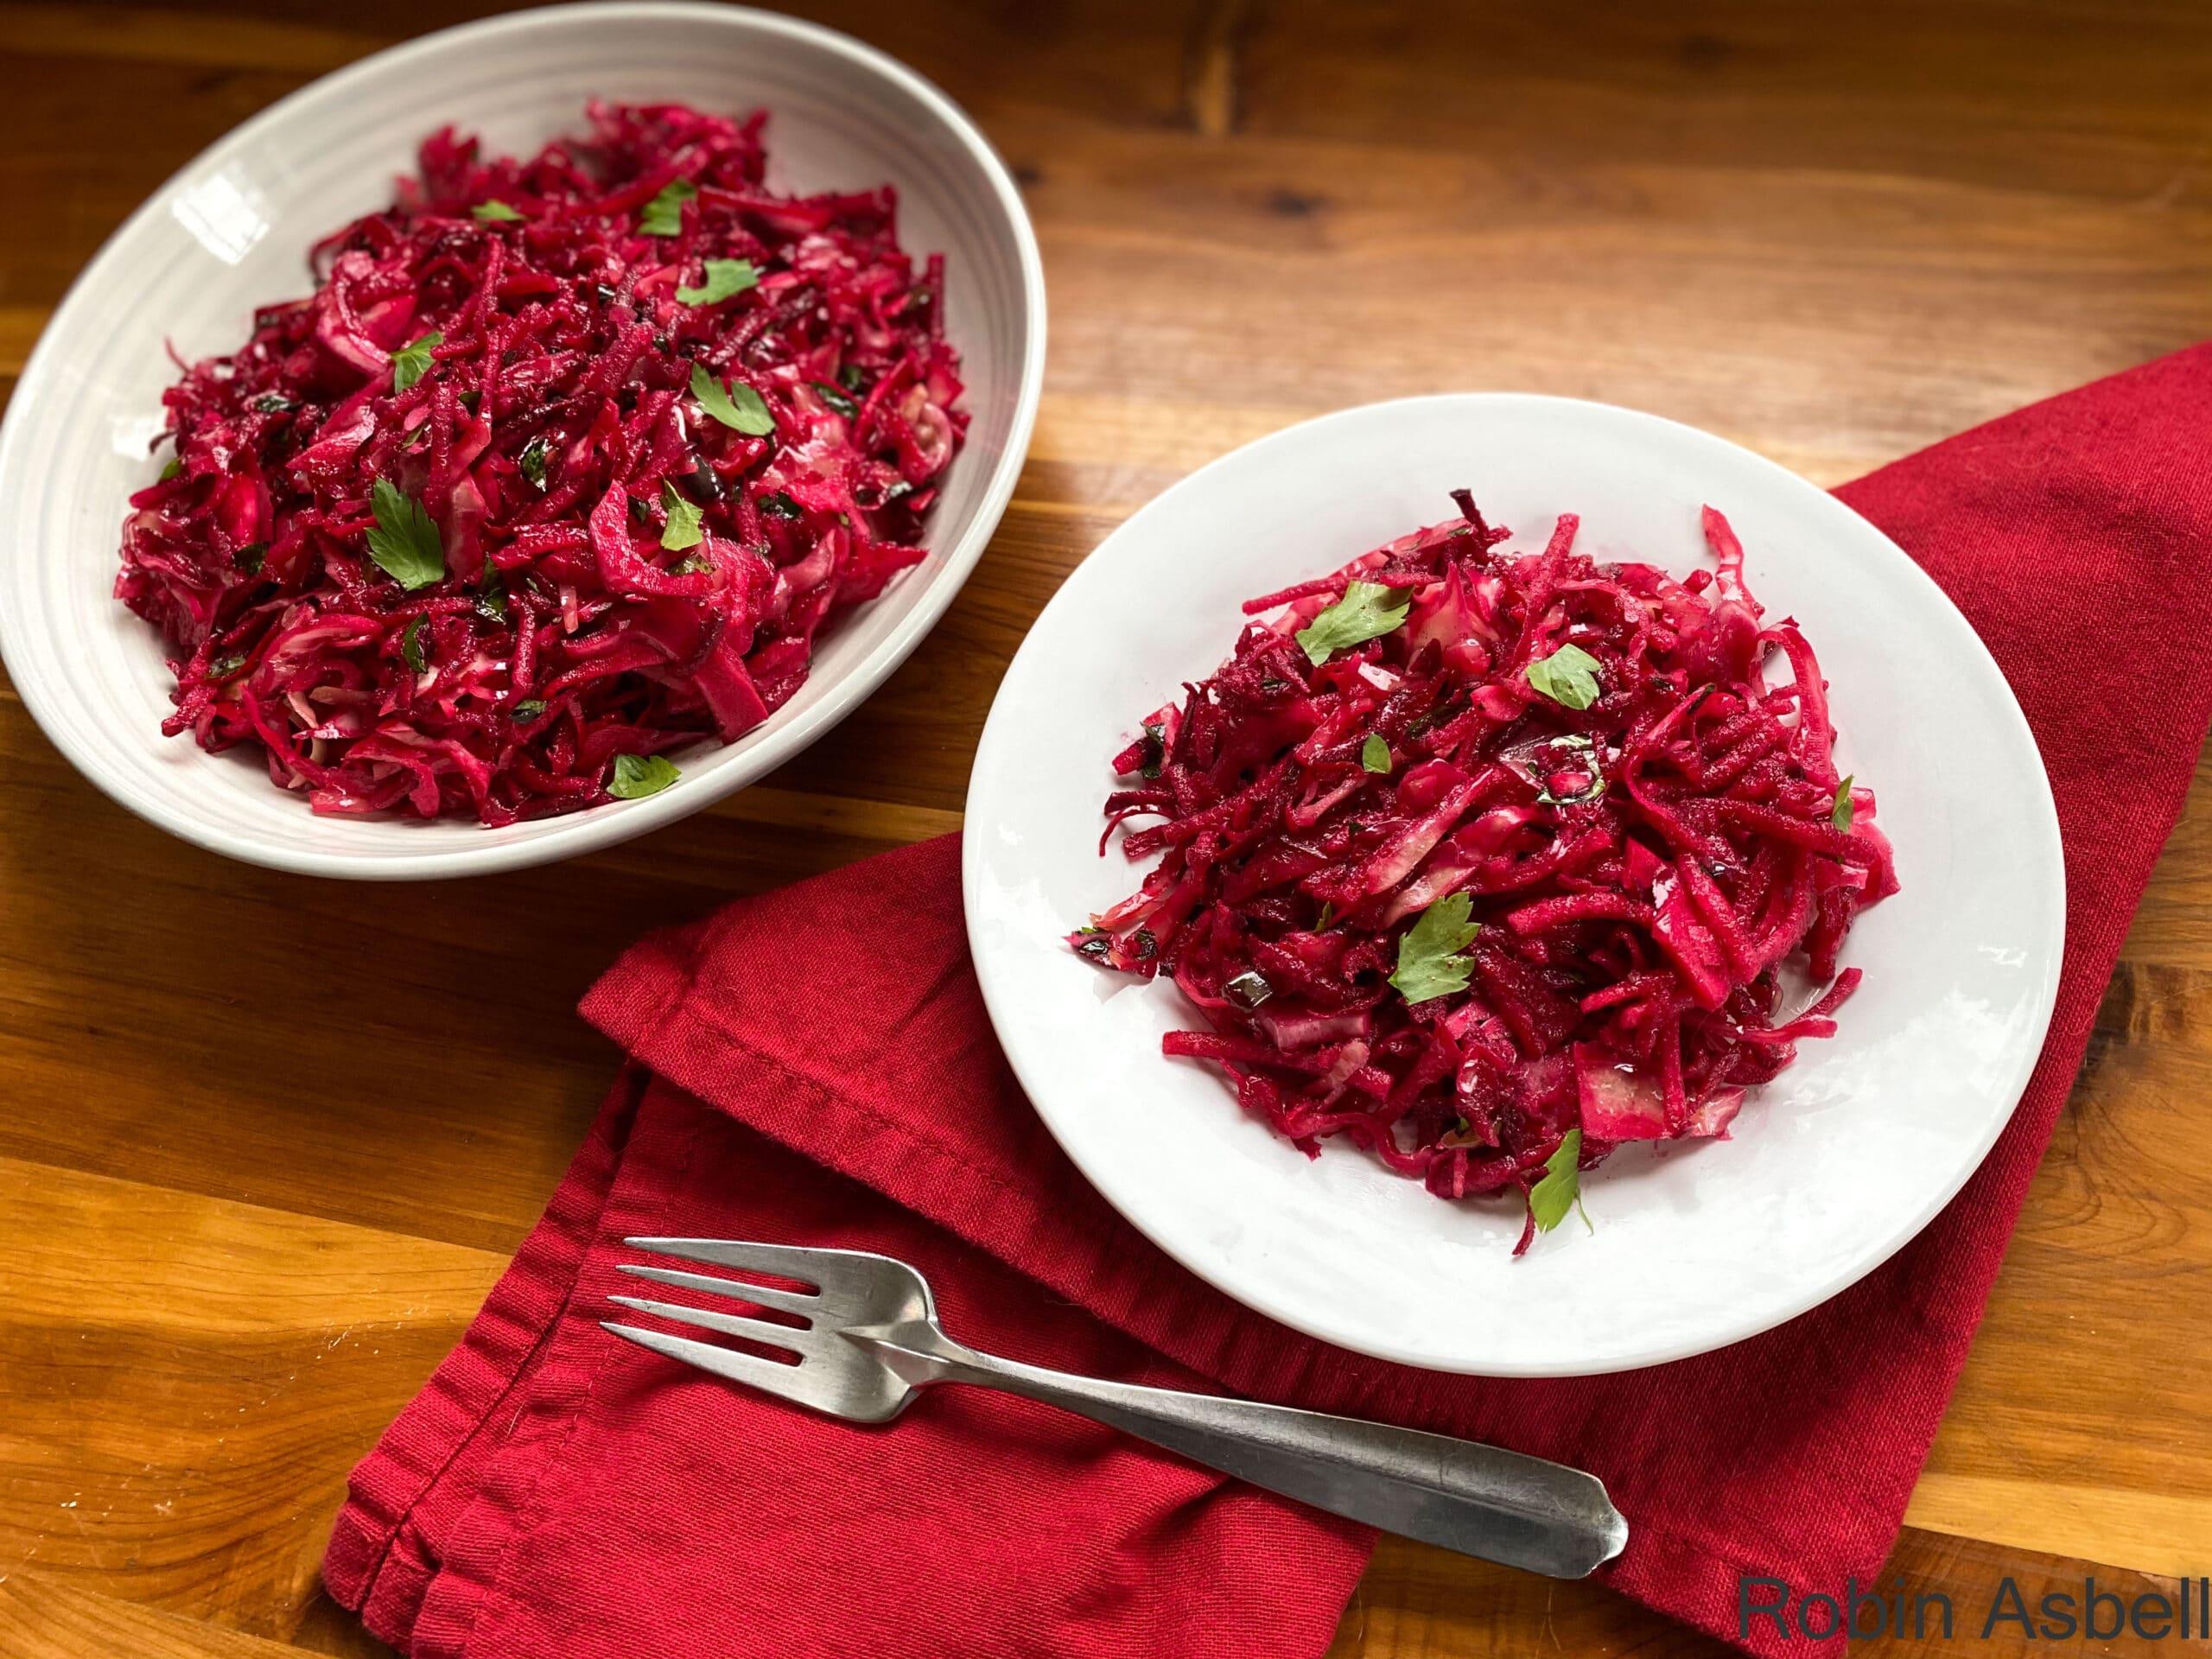 Scarlet Shredded Salad